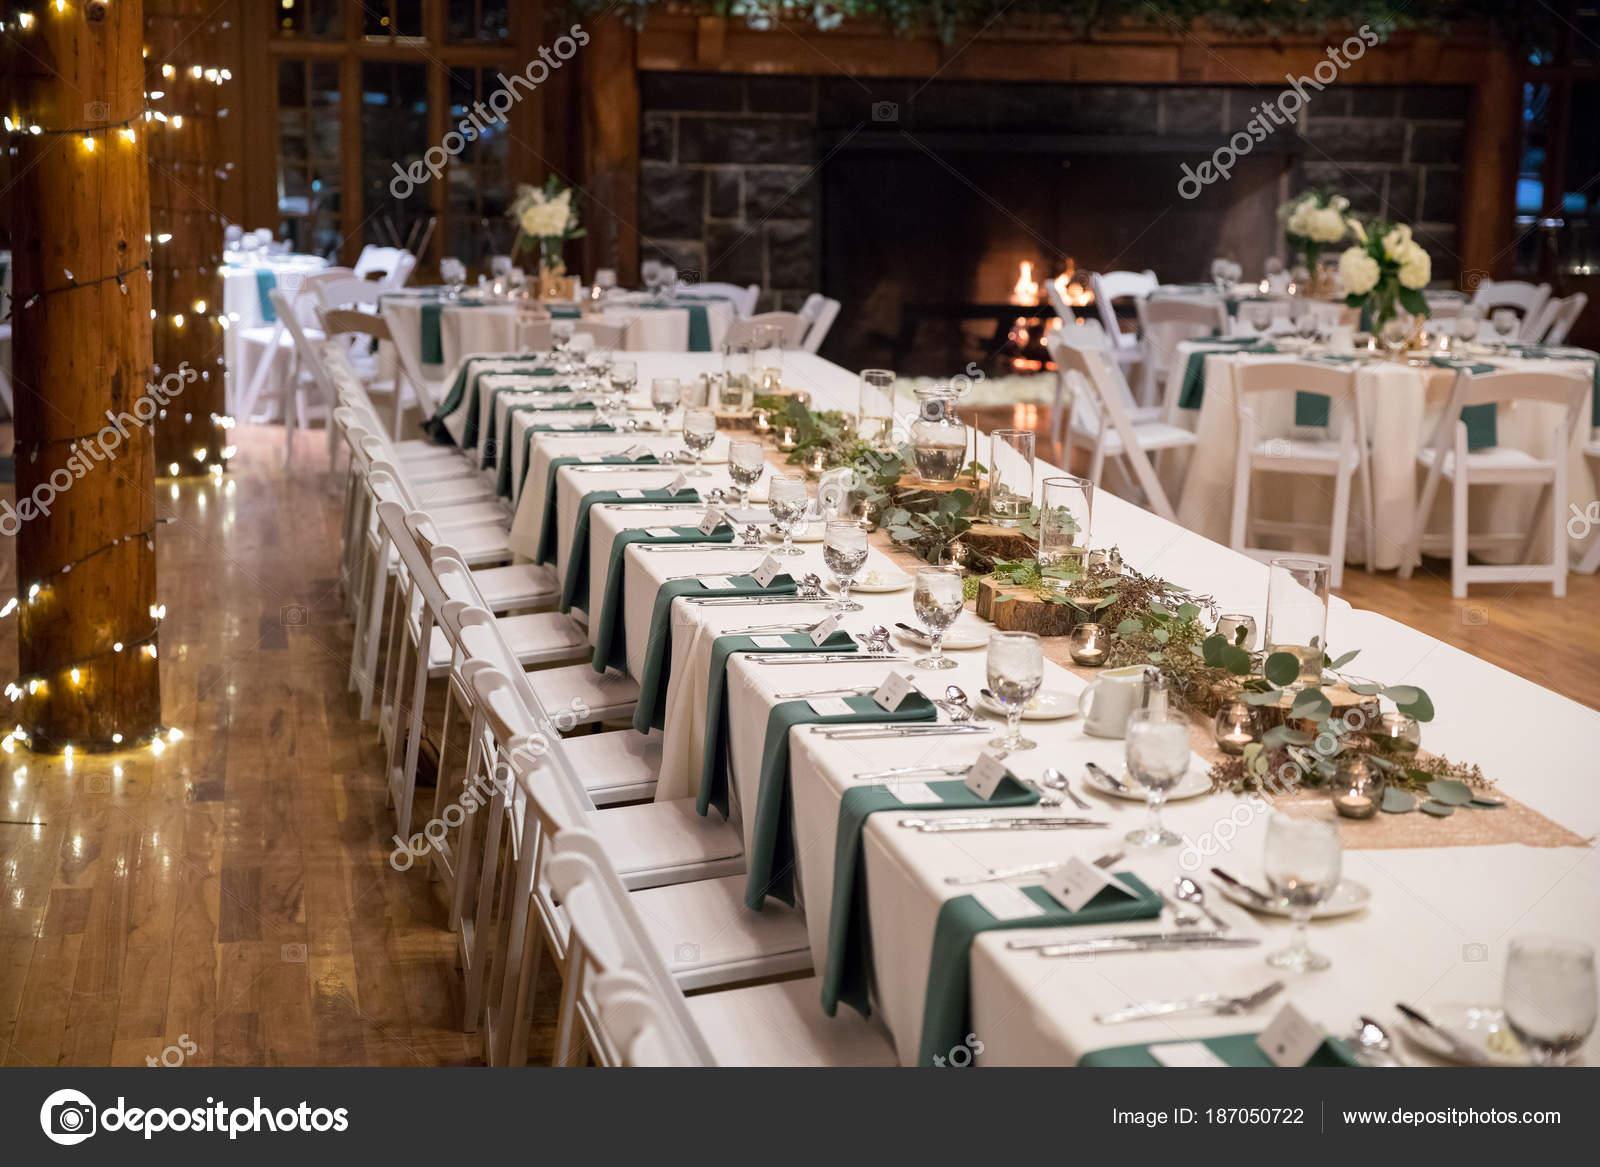 Head Wedding Table At Reception Stock Photo Joshuarainey 187050722